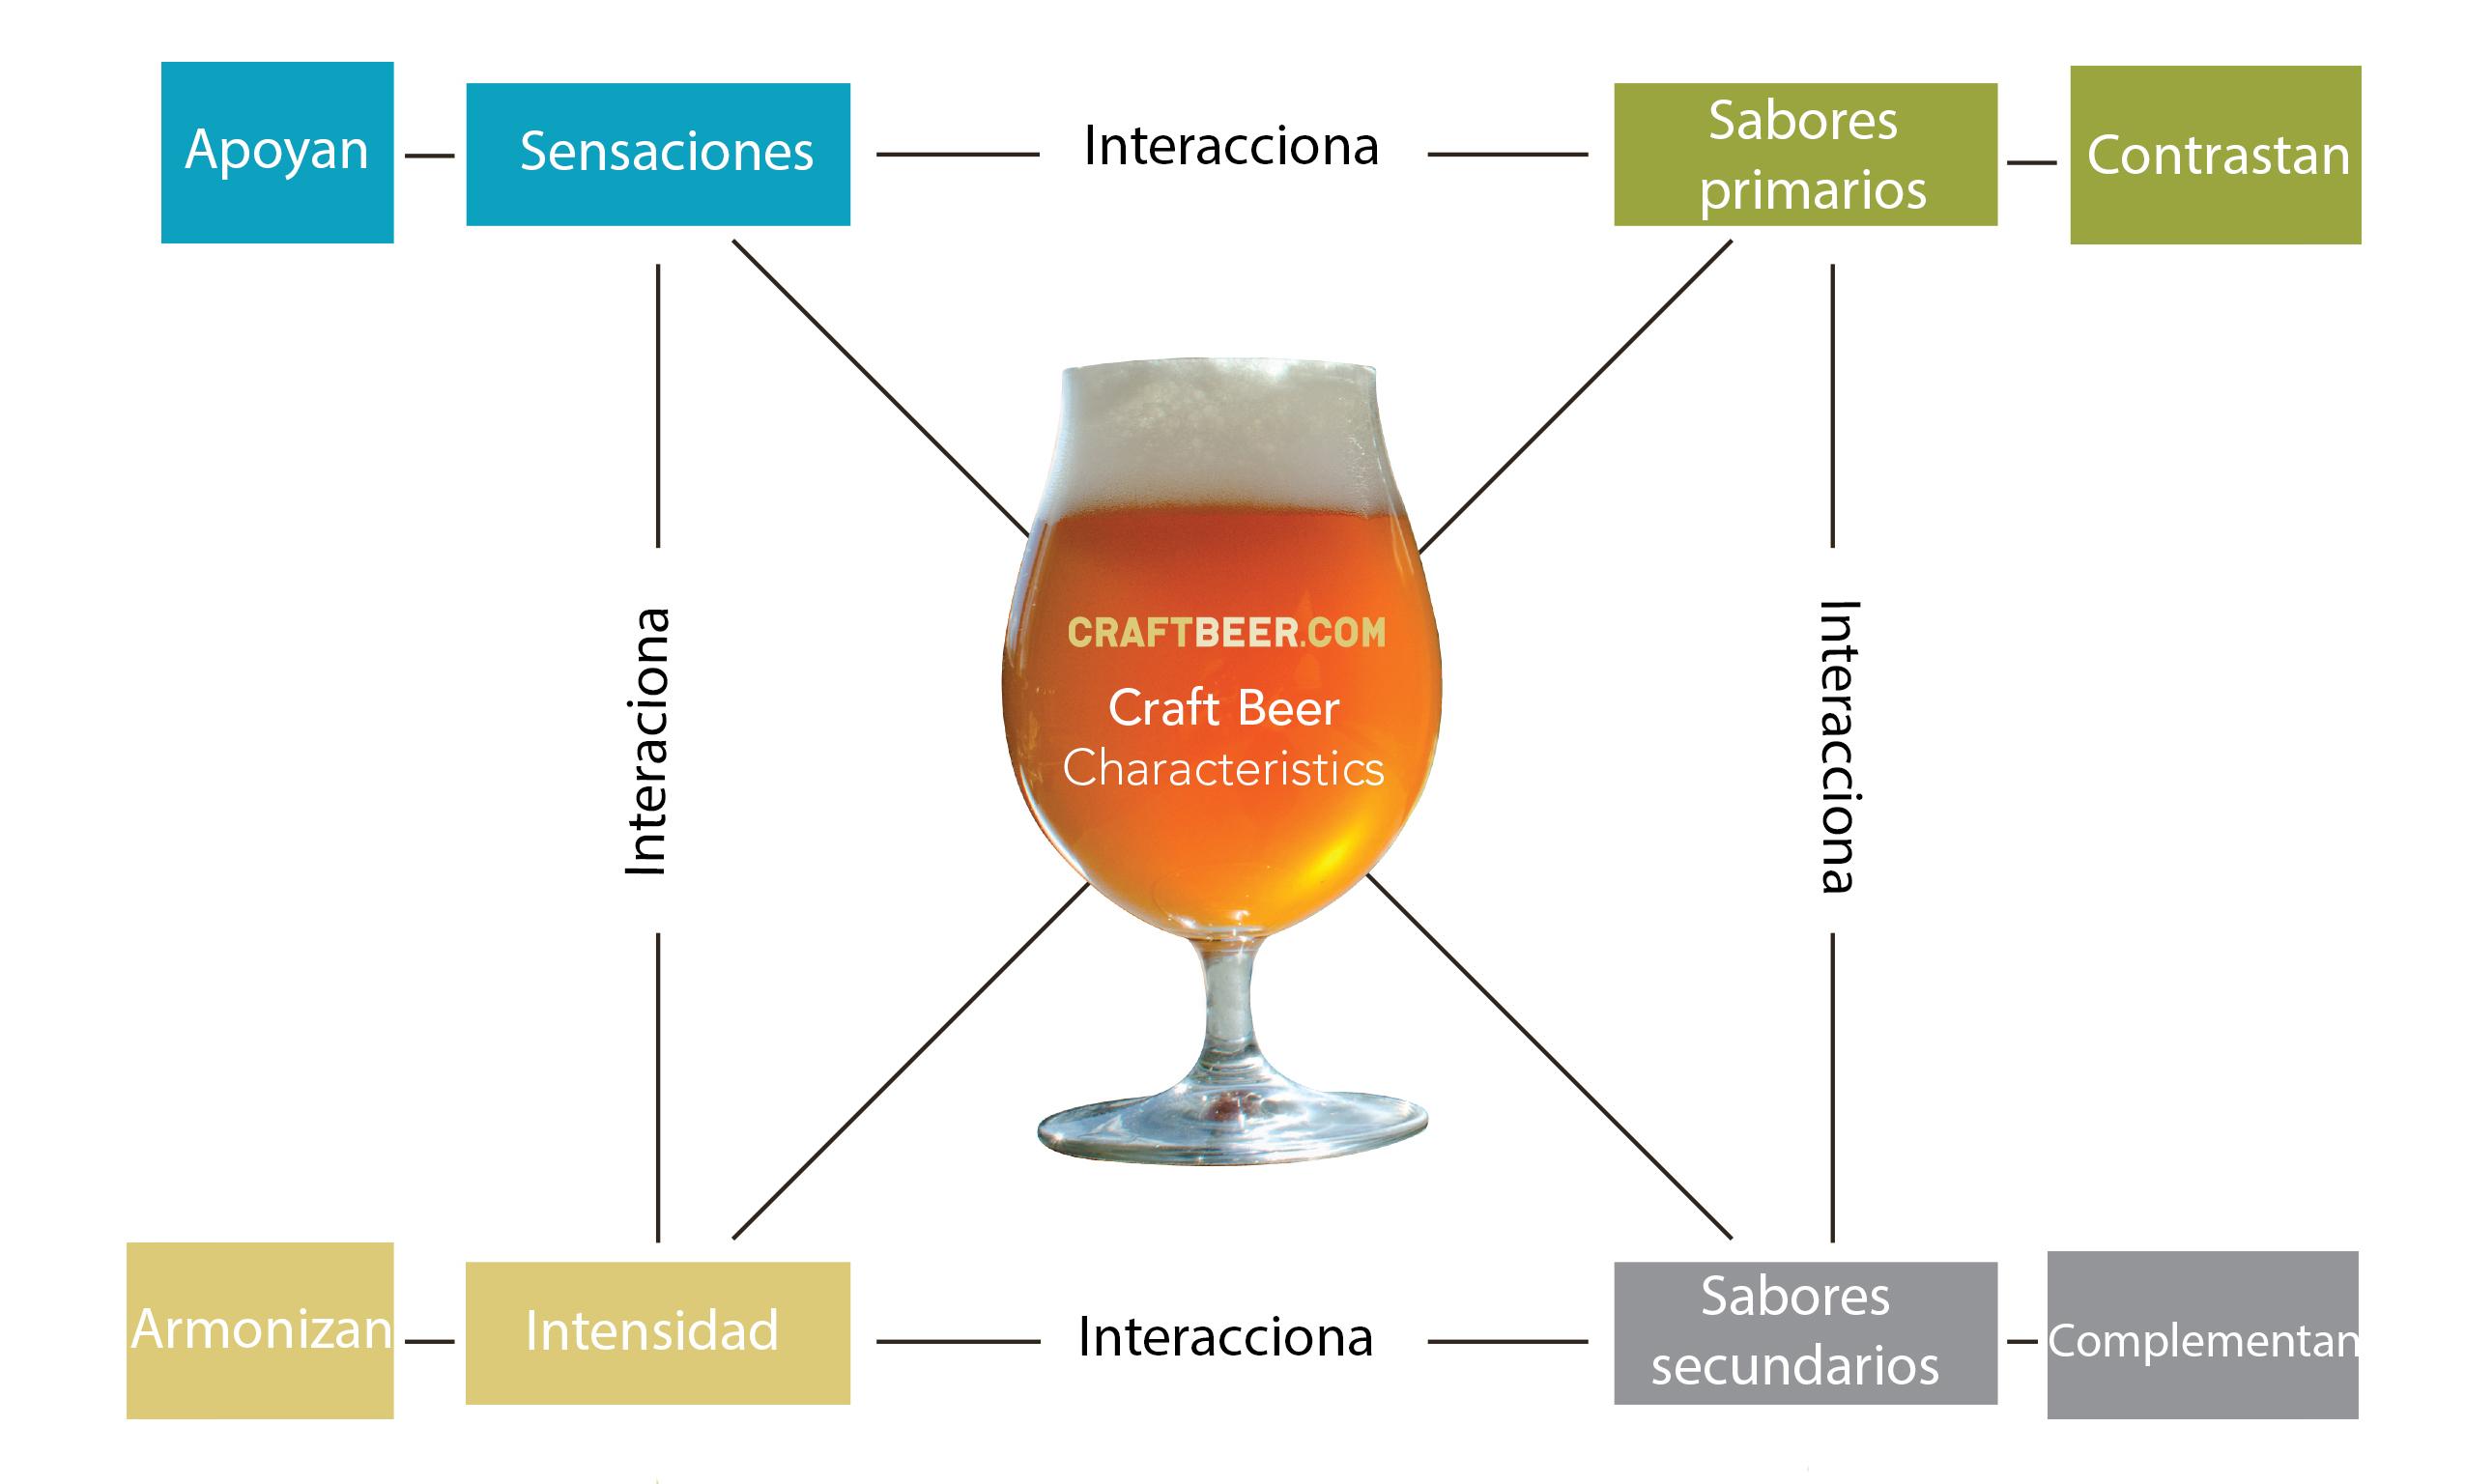 Caracterísiticas de la cerveza, maridaje